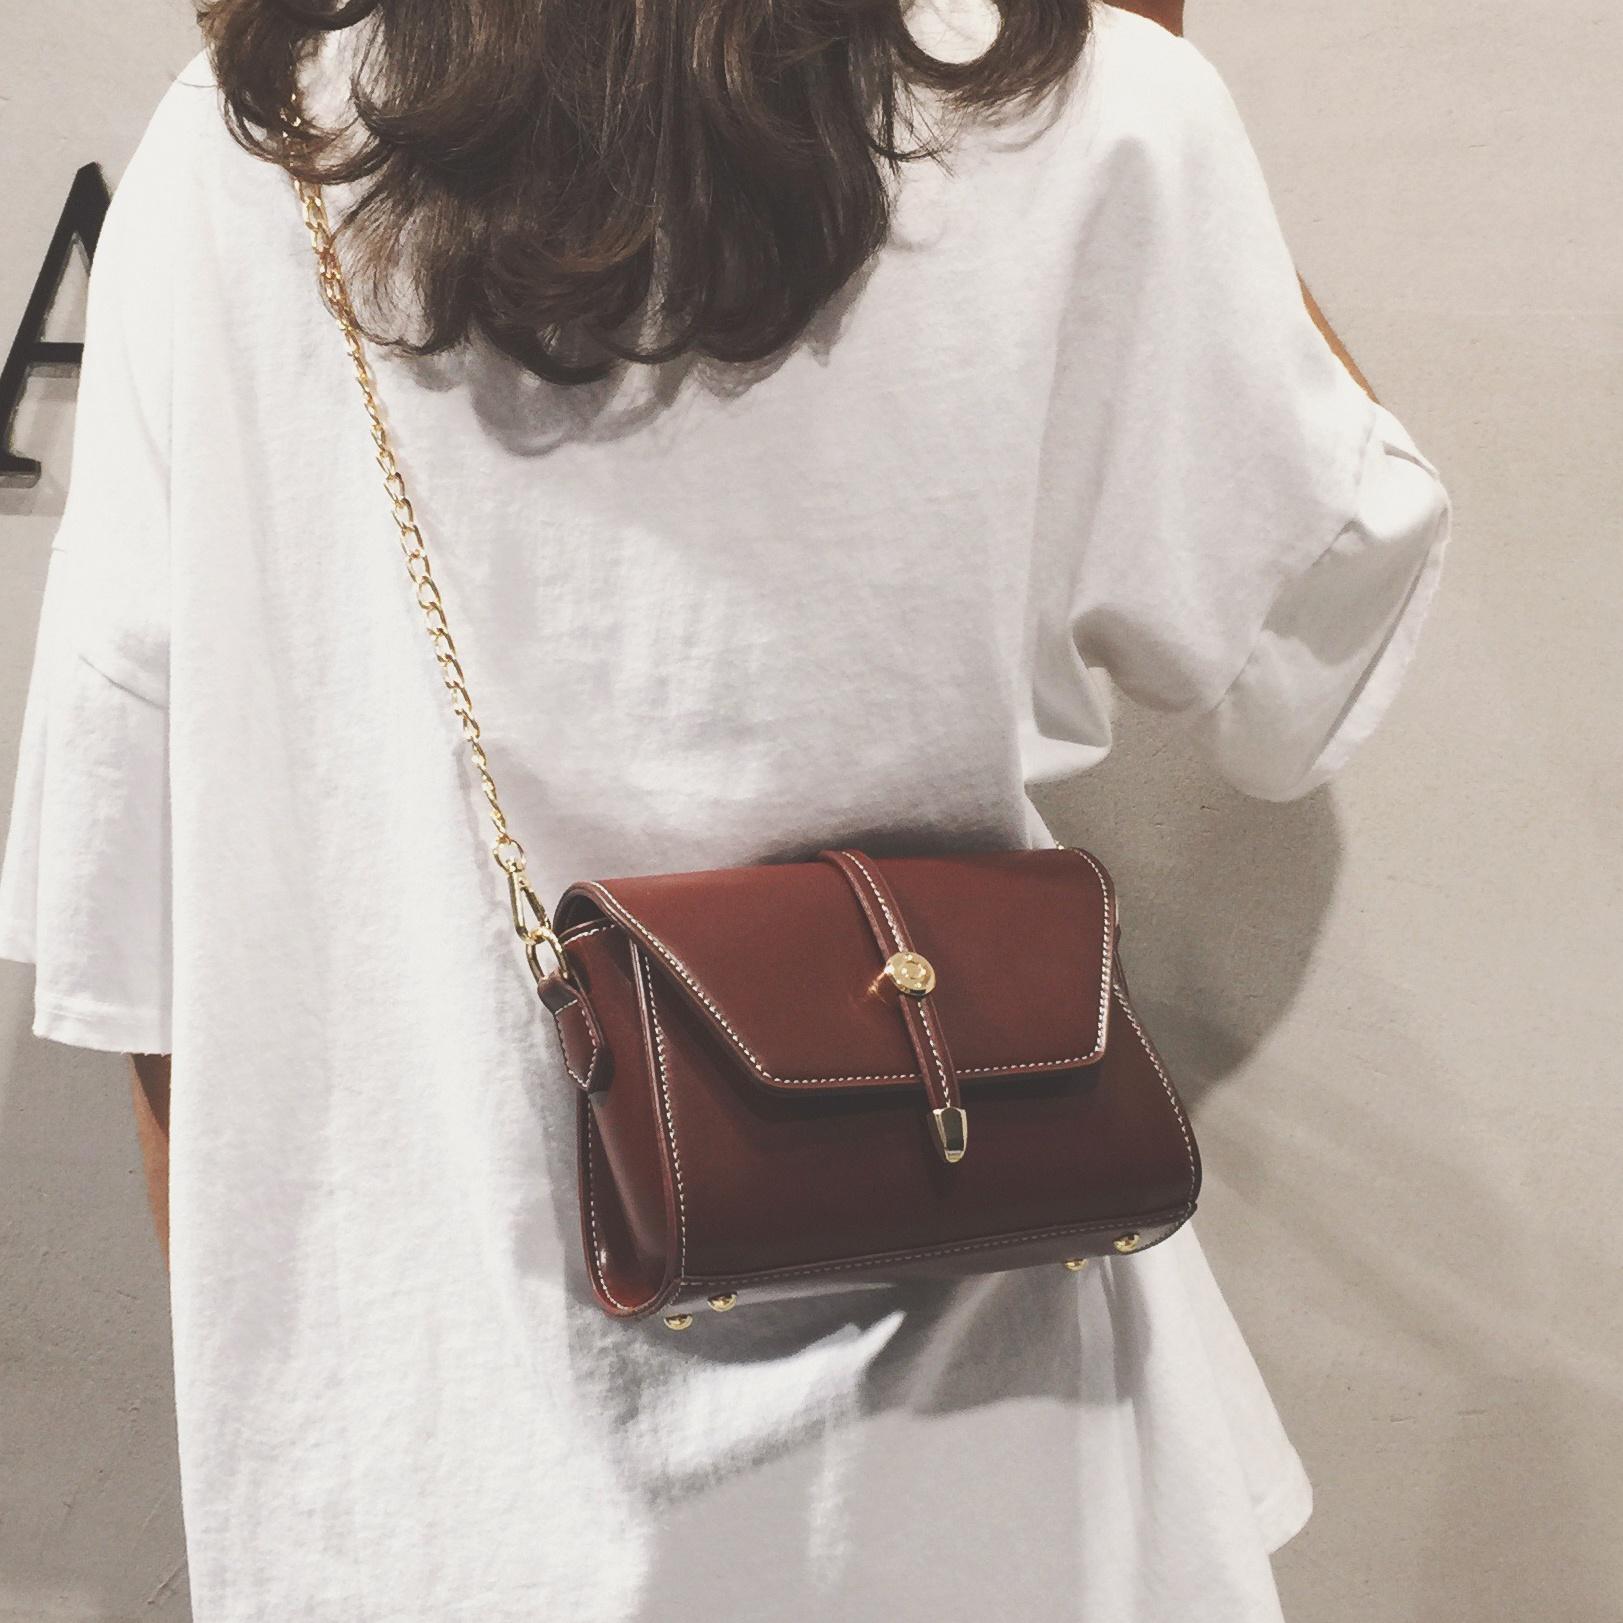 香港真皮女包春夏链条包包2021新款潮百搭单肩包斜挎网红时尚小包